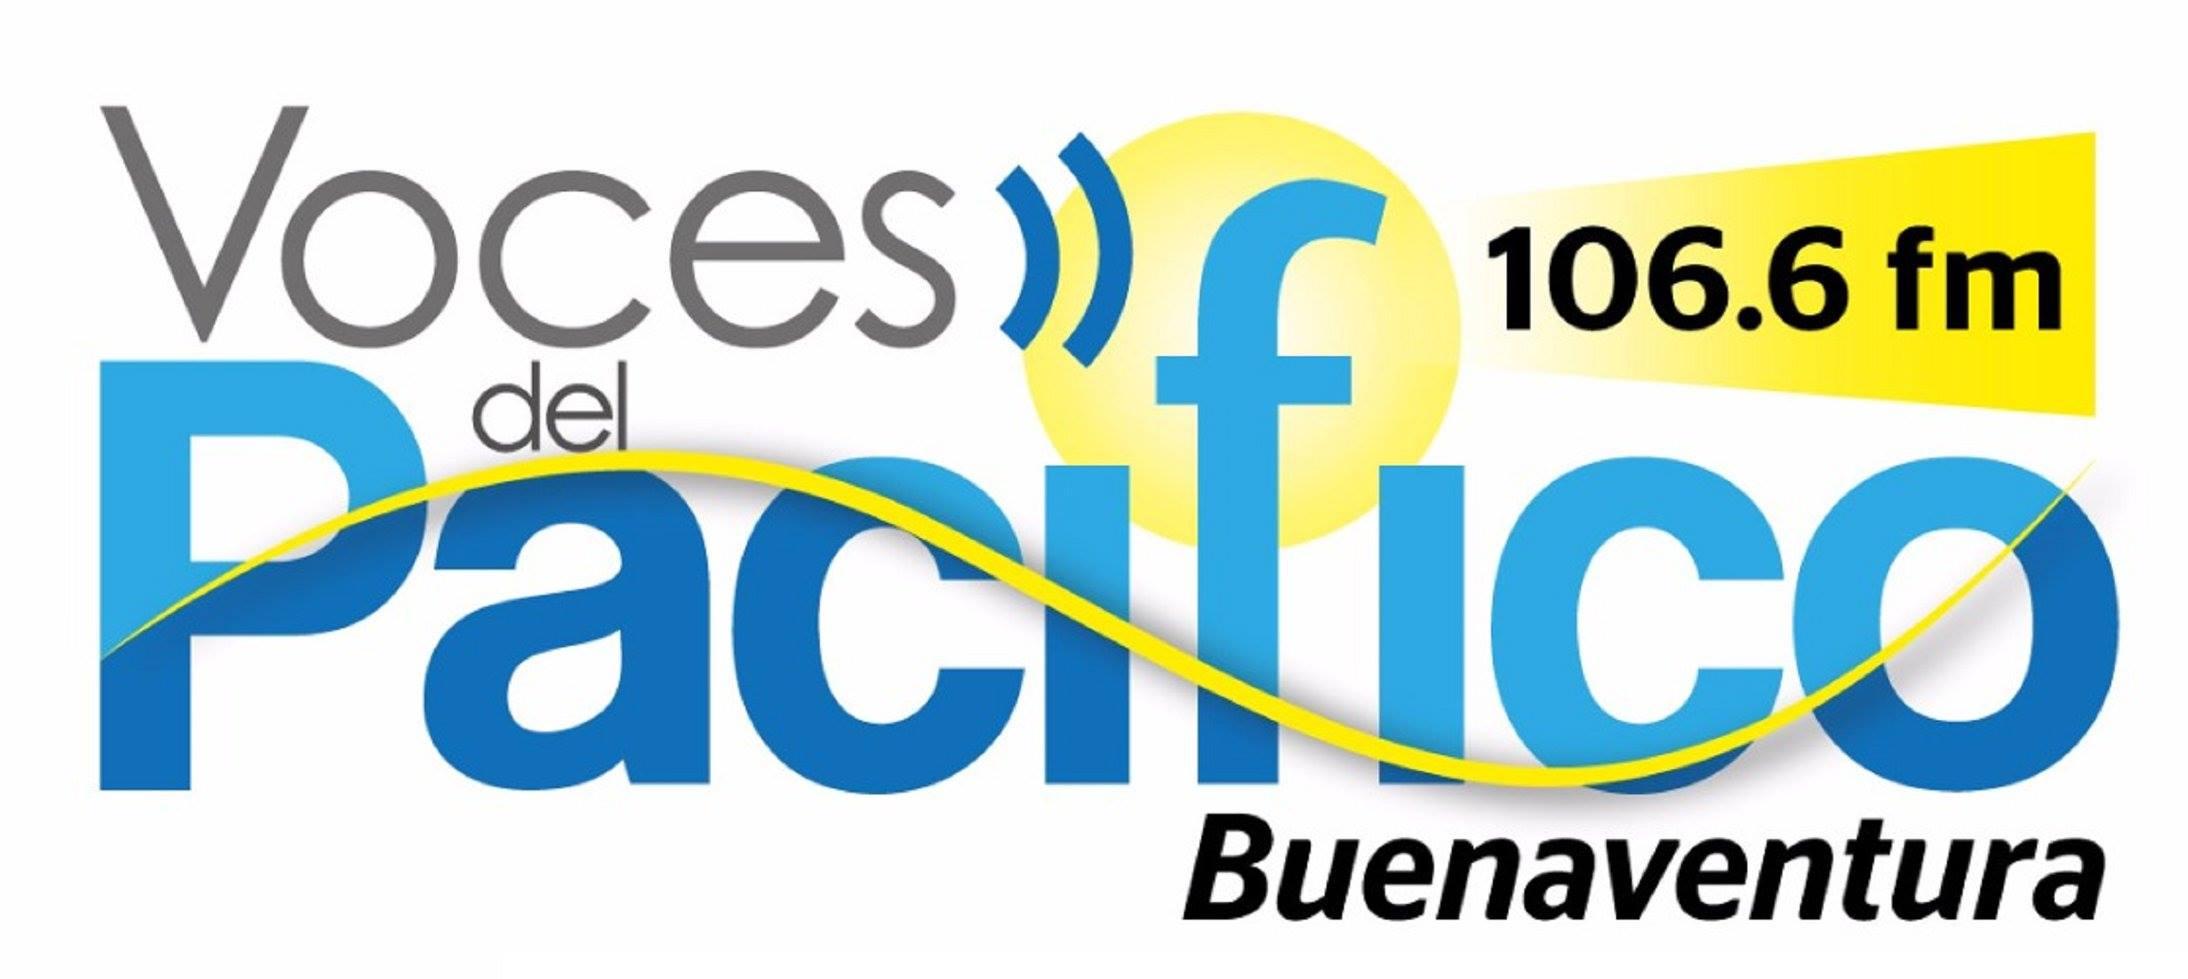 Voces del Pacífico 106.6 FM | Noticias de Buenaventura, Colombia y el Mundo